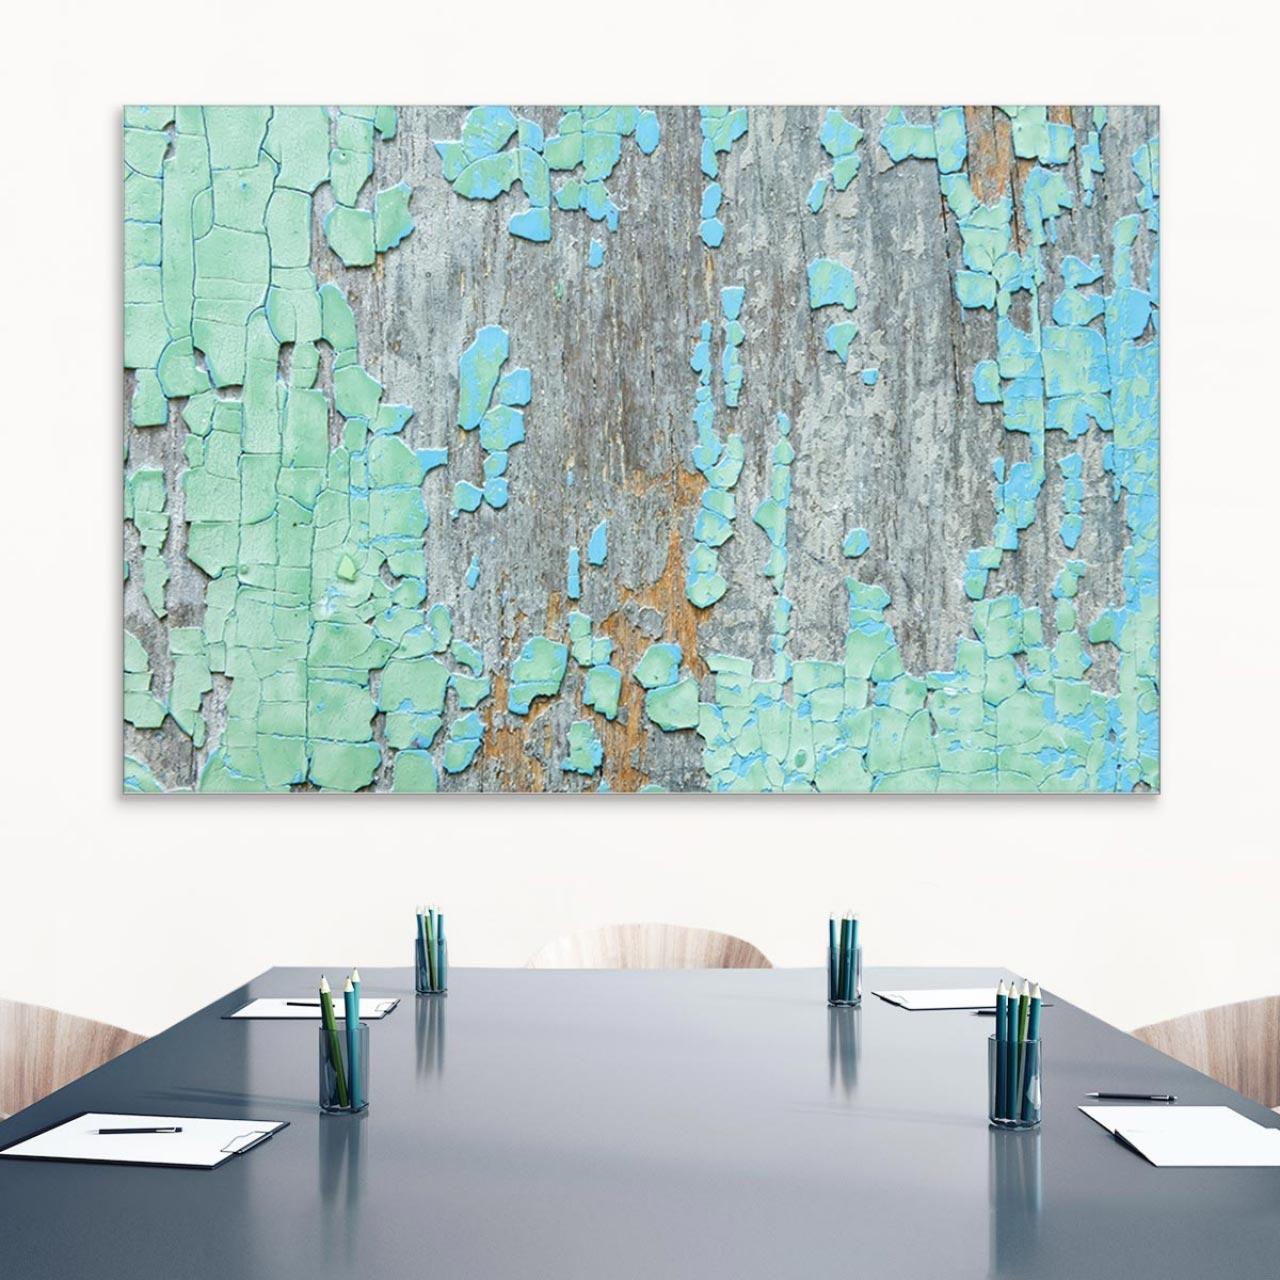 Akustikbild Abstrakte Farbe auf Holz, einseitig, Wandmontage